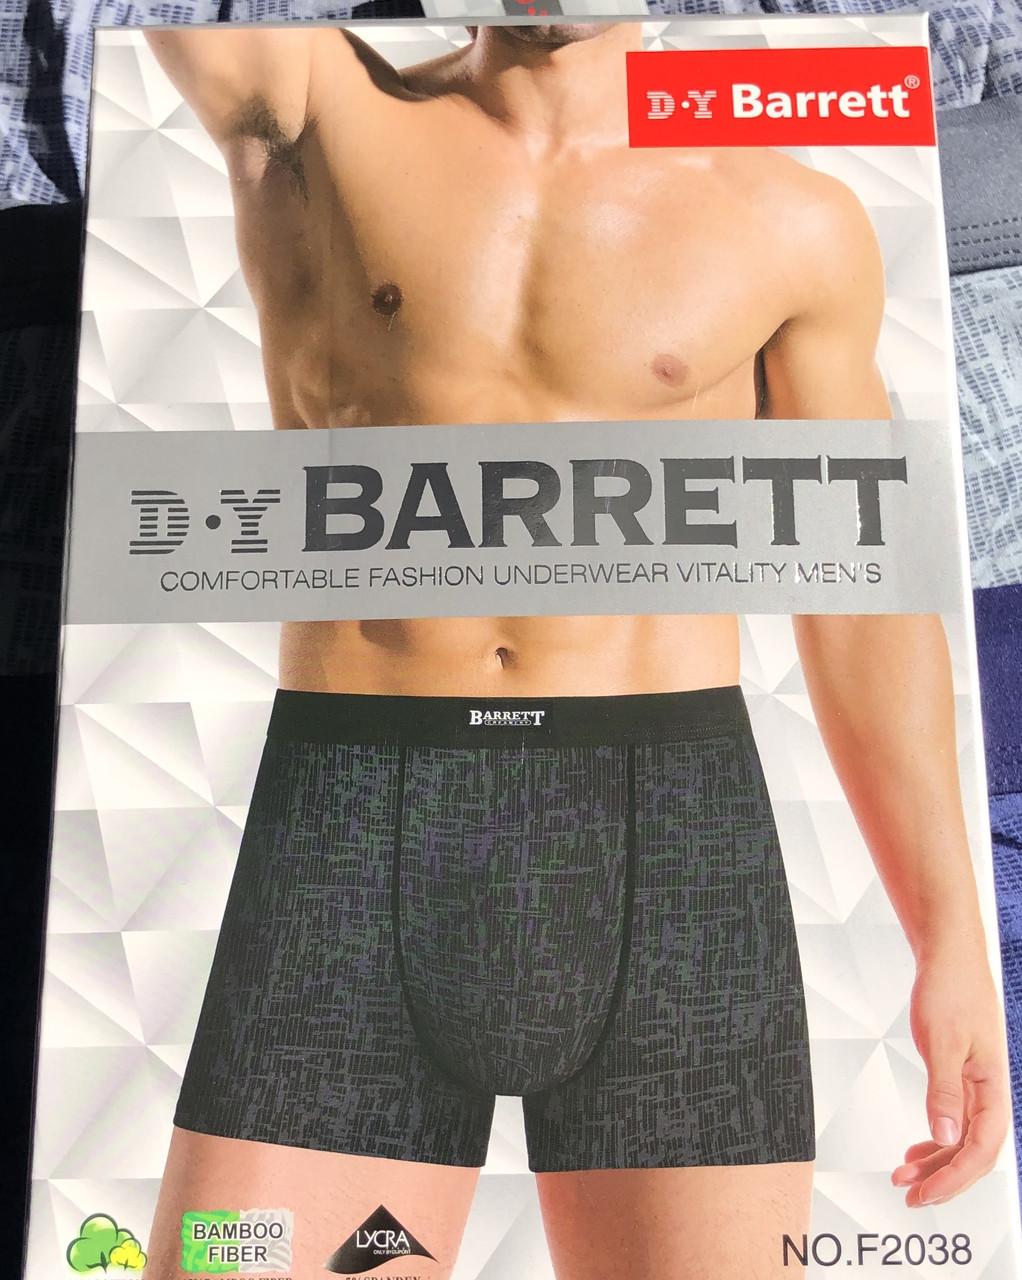 """Чоловічі Боксери масло Марка """"R. Y Barrett"""" Арт.2038"""